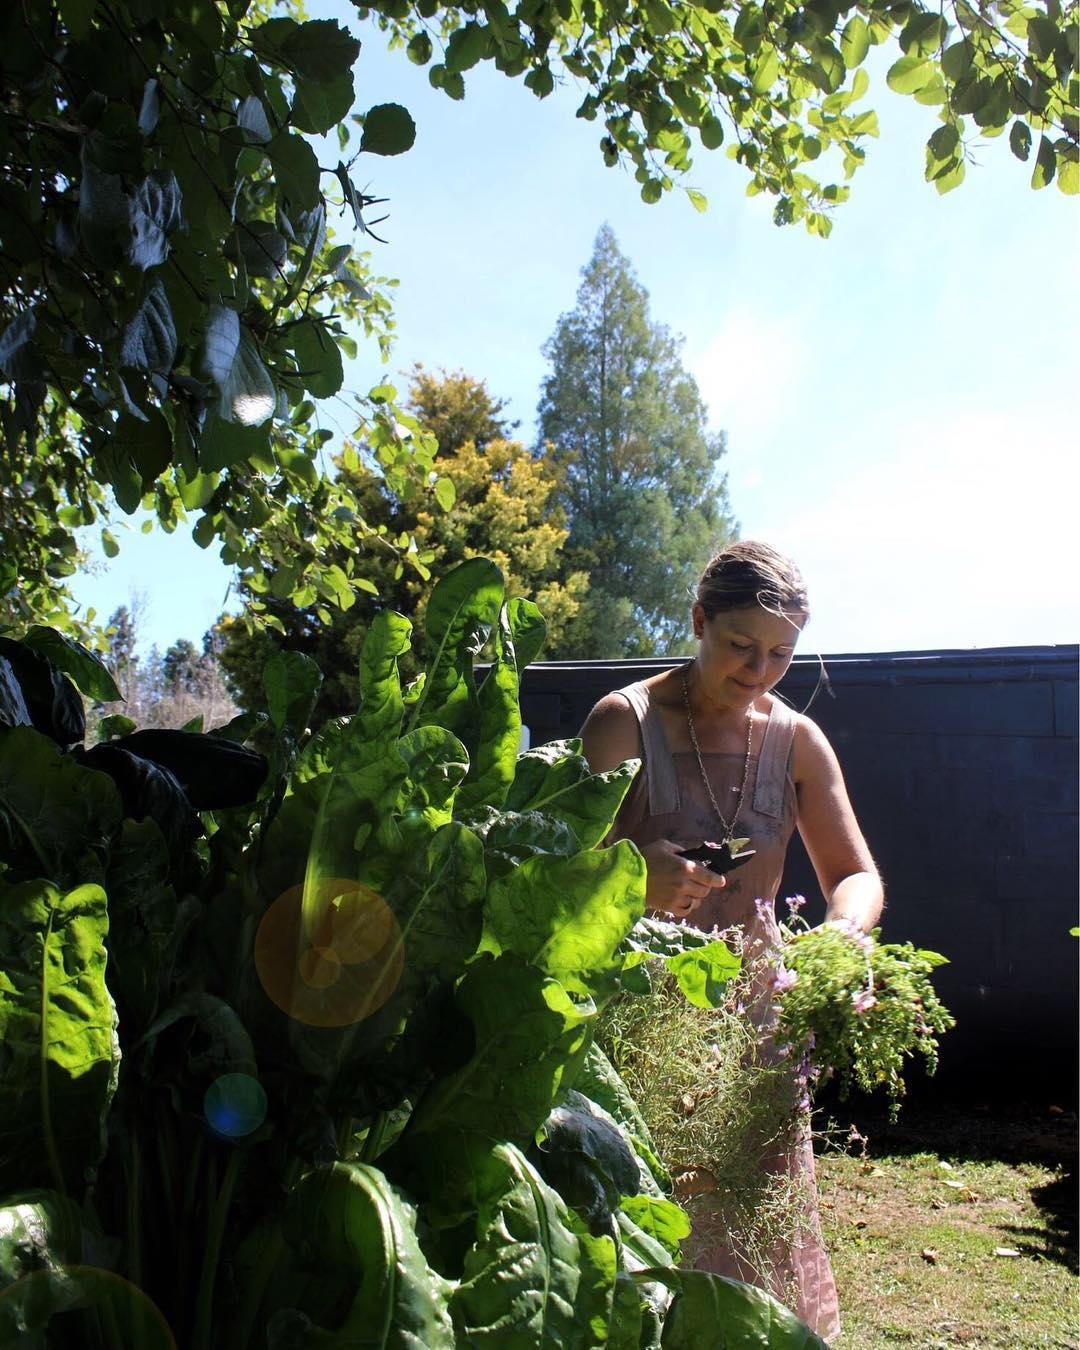 Amanda gardening